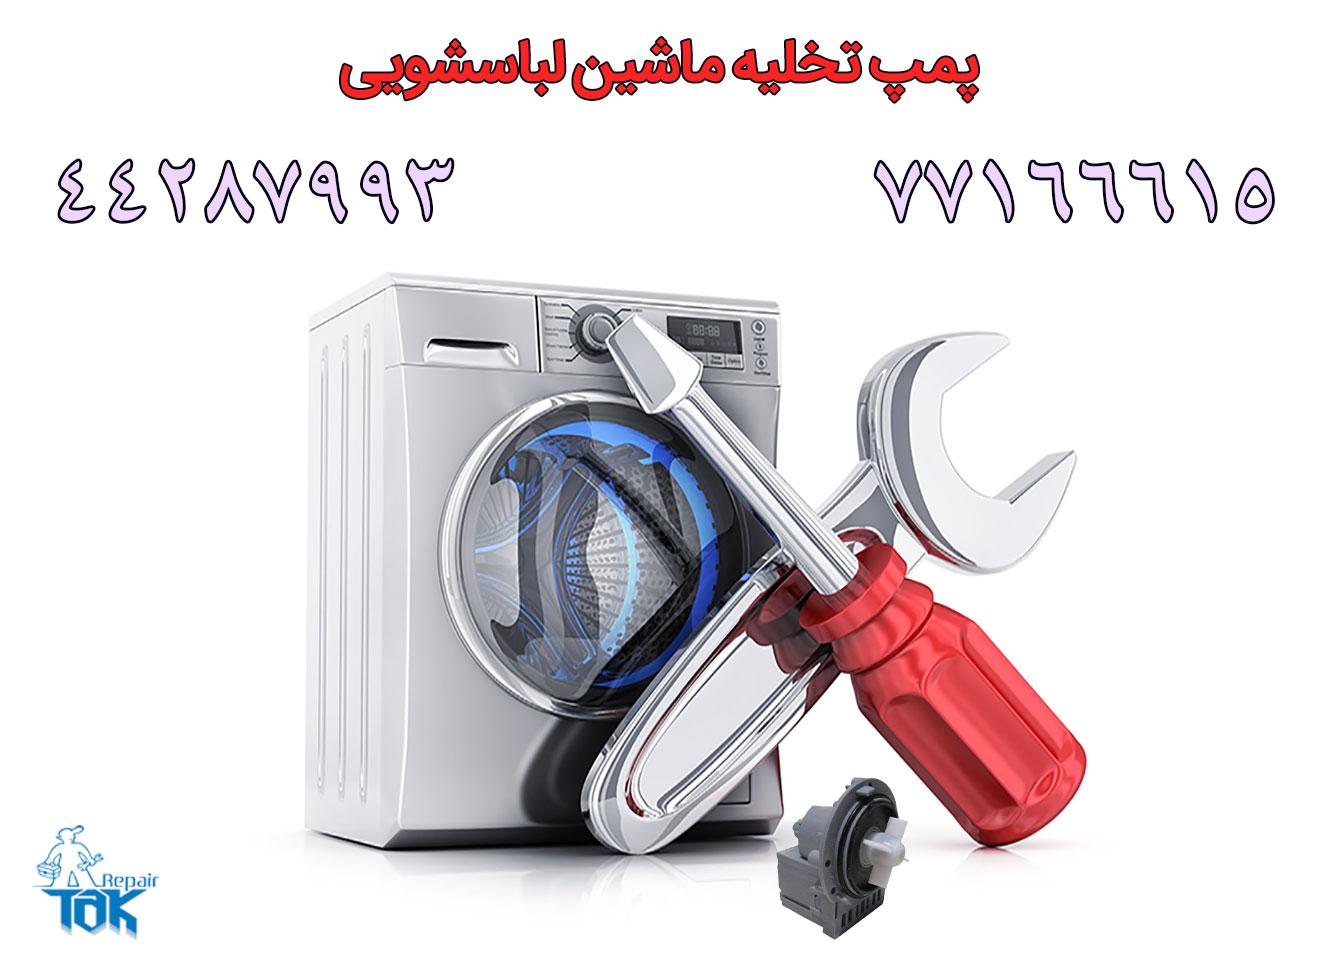 پمپ تخلیه ماشین لباسشویی